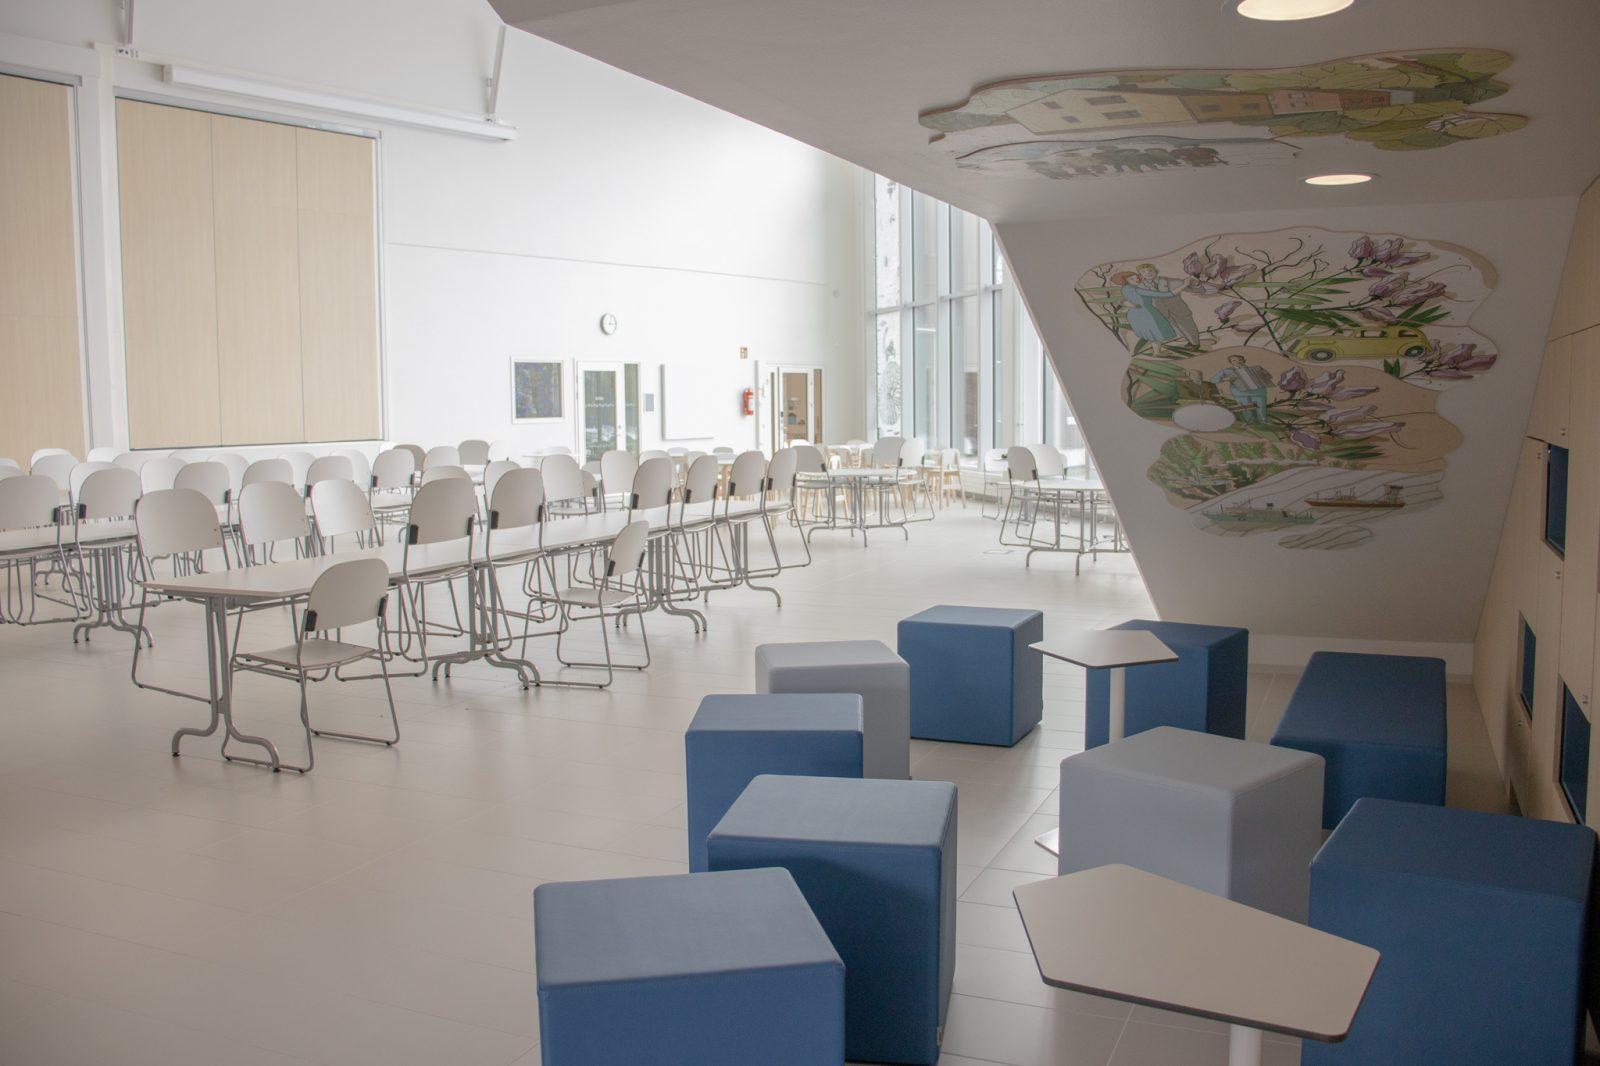 Kuvassa näkyy koulun ruokala, jossa on pöytiä ja tuoleja.